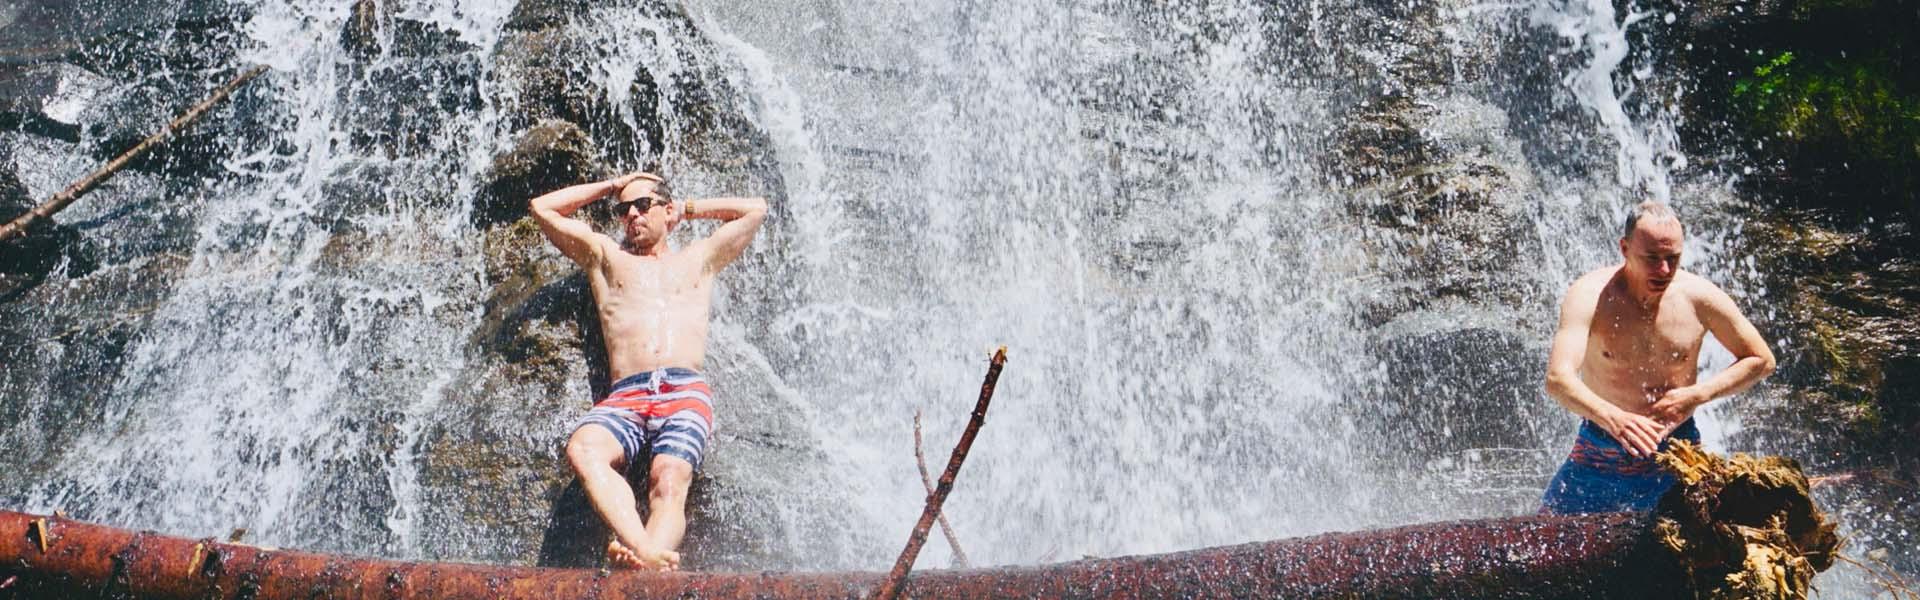 Fürödtél már vízesésben?